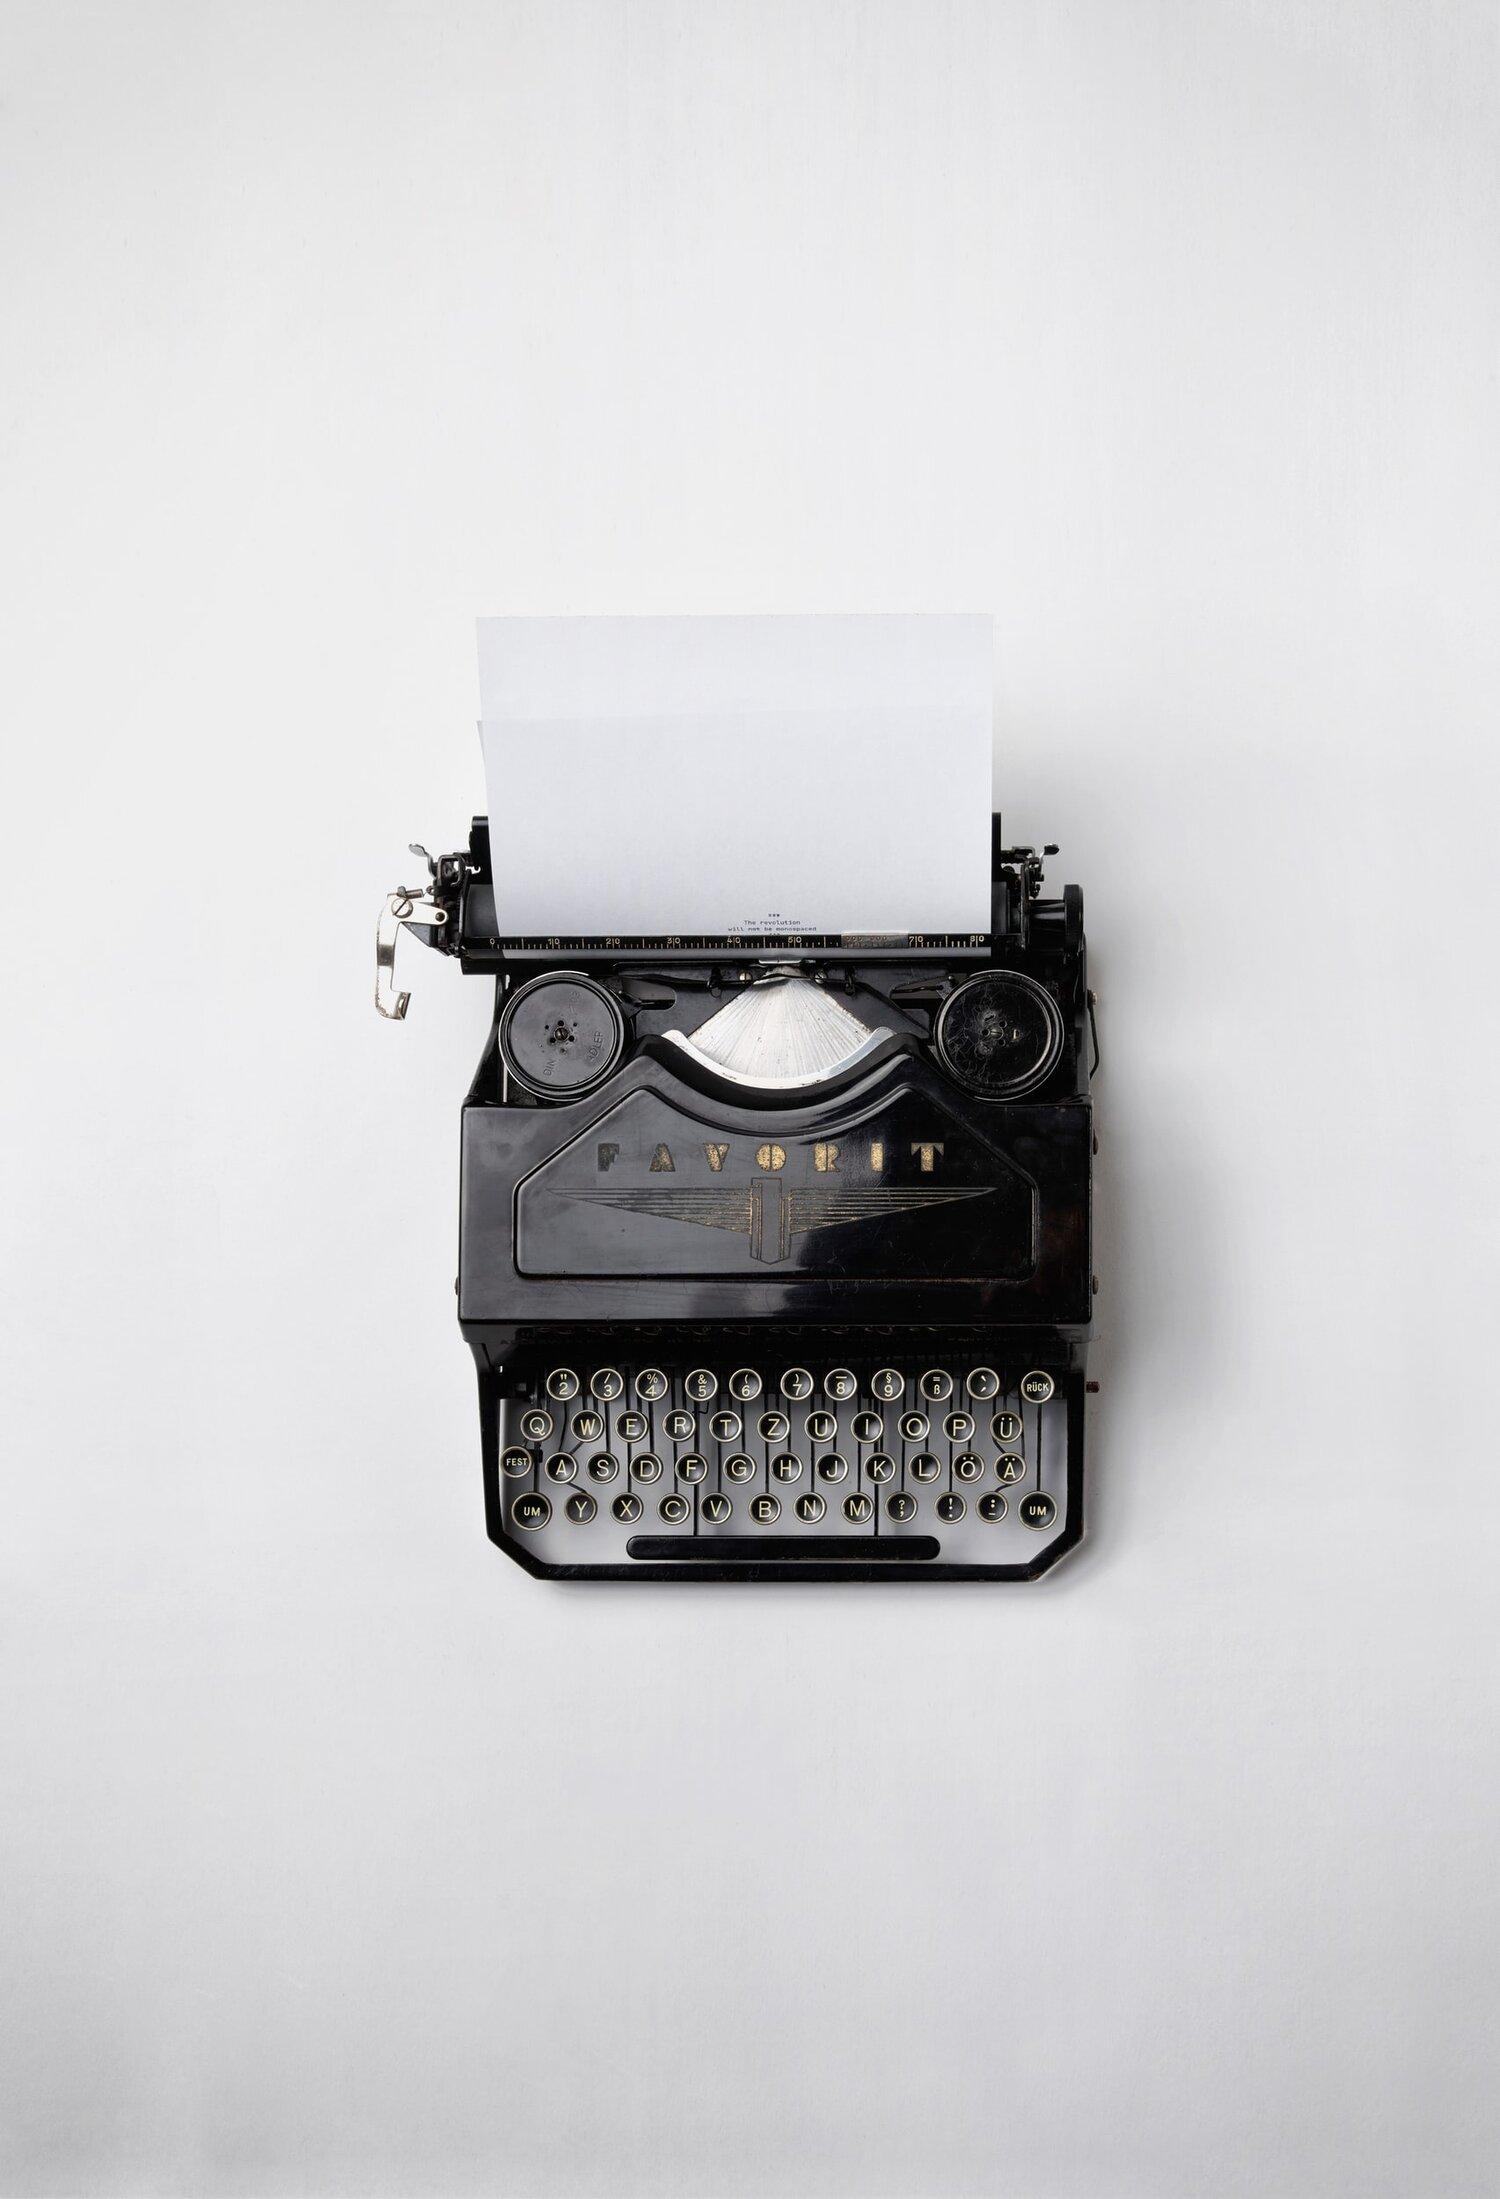 publish-original-content